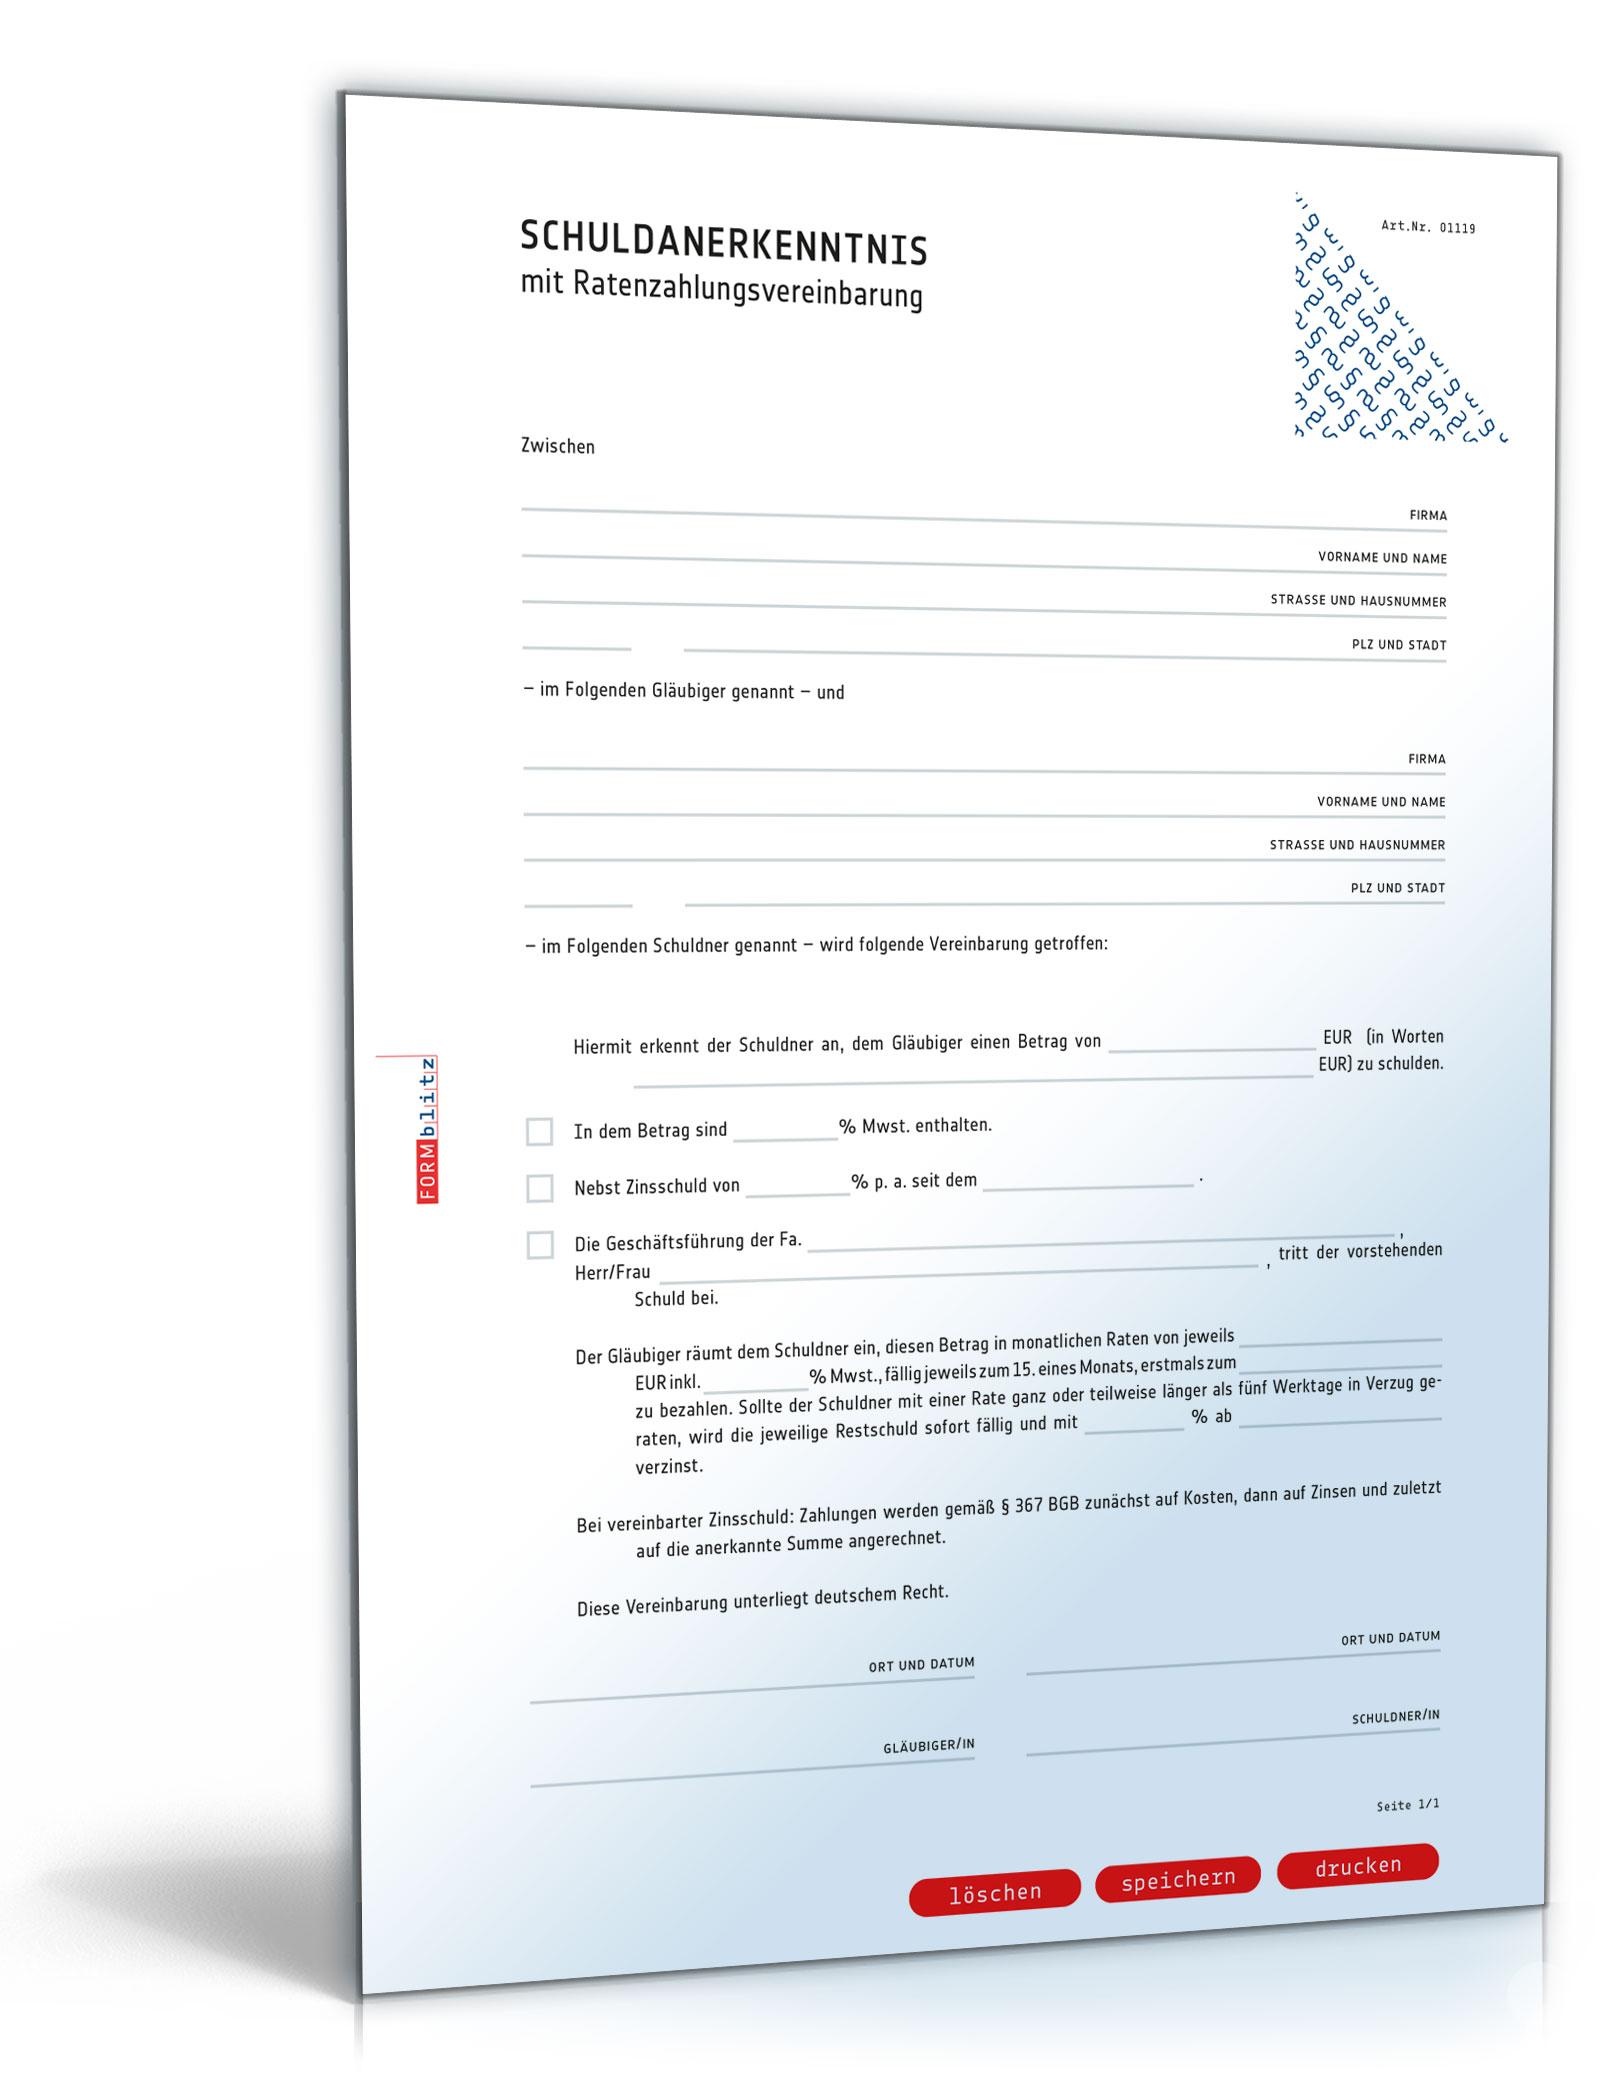 Schuldanerkenntnis mit Ratenzahlungsvereinbarung (PDF) [Download]